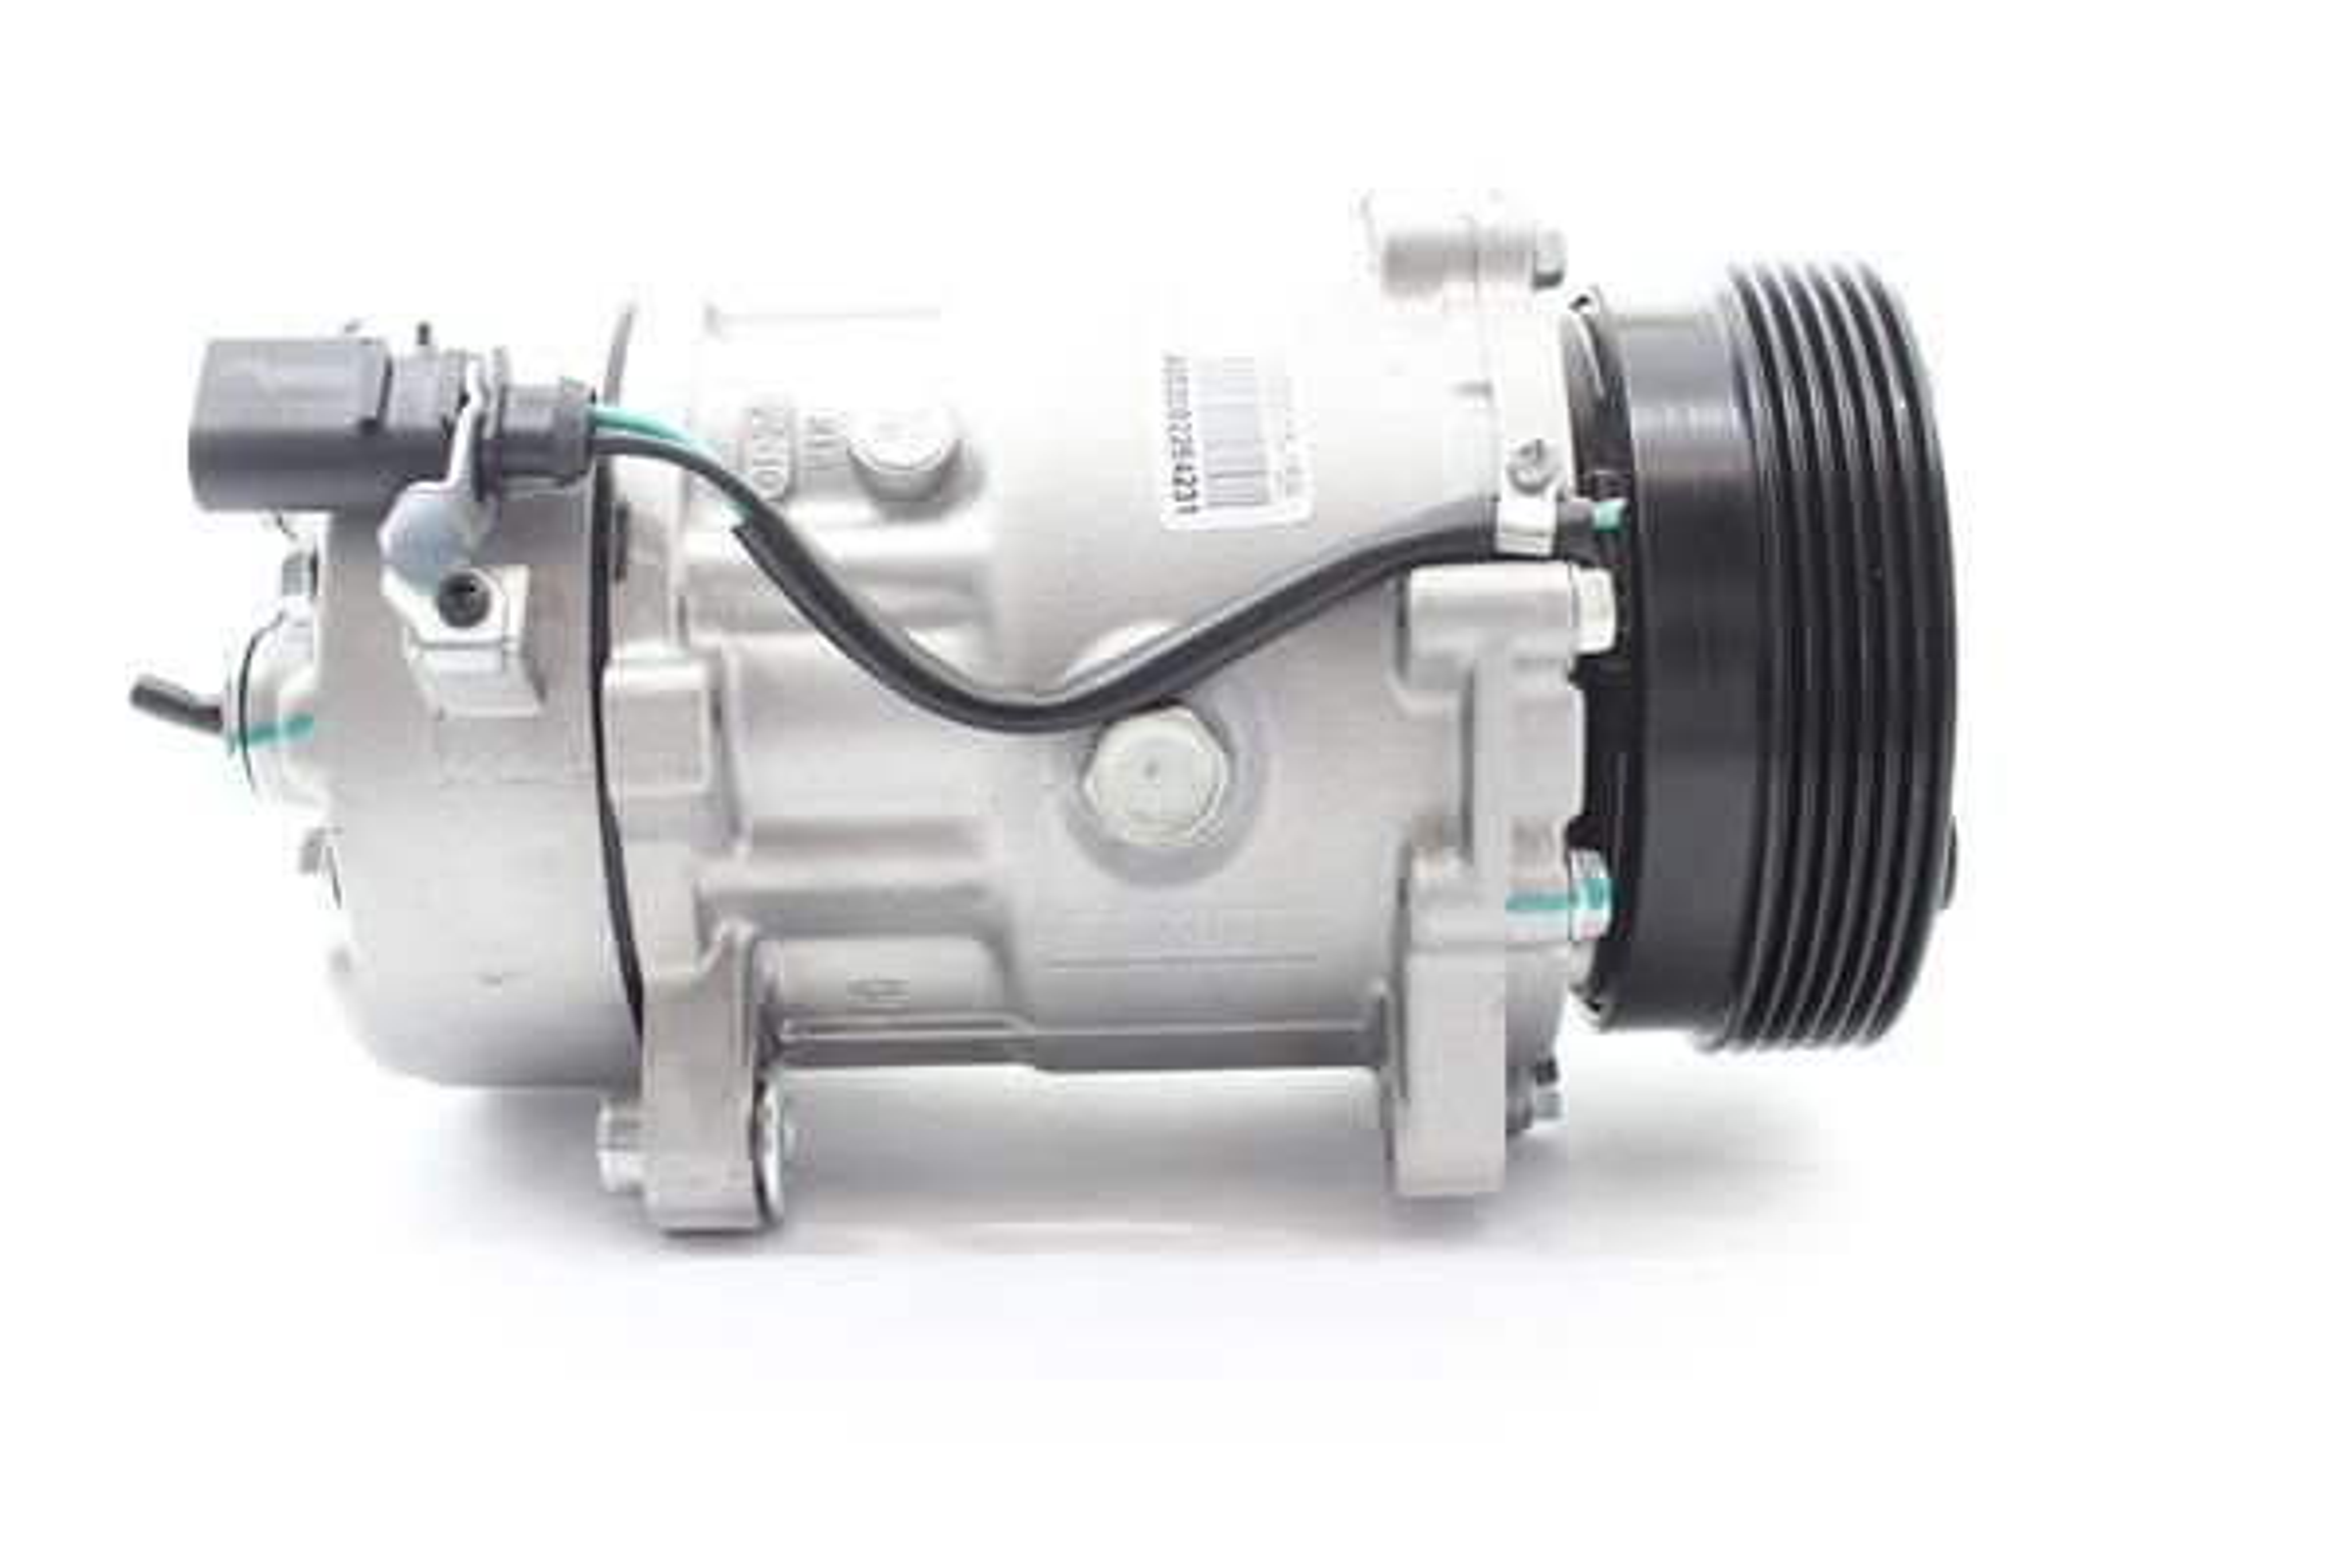 10550015 Kältemittelkompressor ALANKO Erfahrung